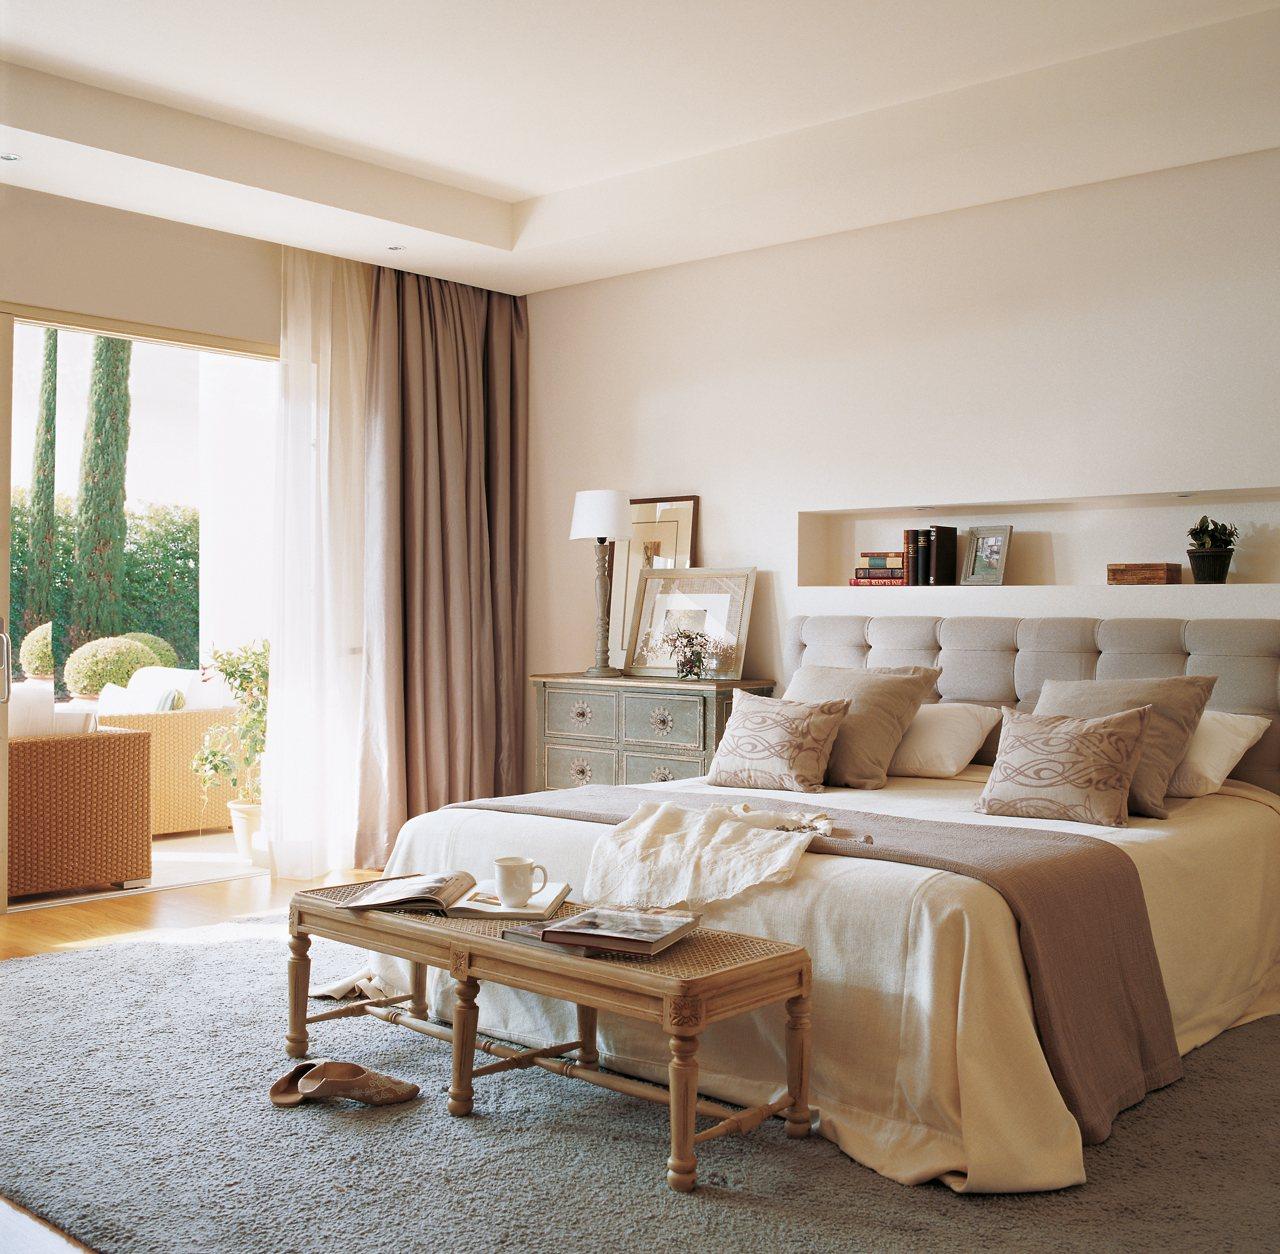 M s espacio para guardar en el dormitorio for Ideas decoracion dormitorio matrimonio